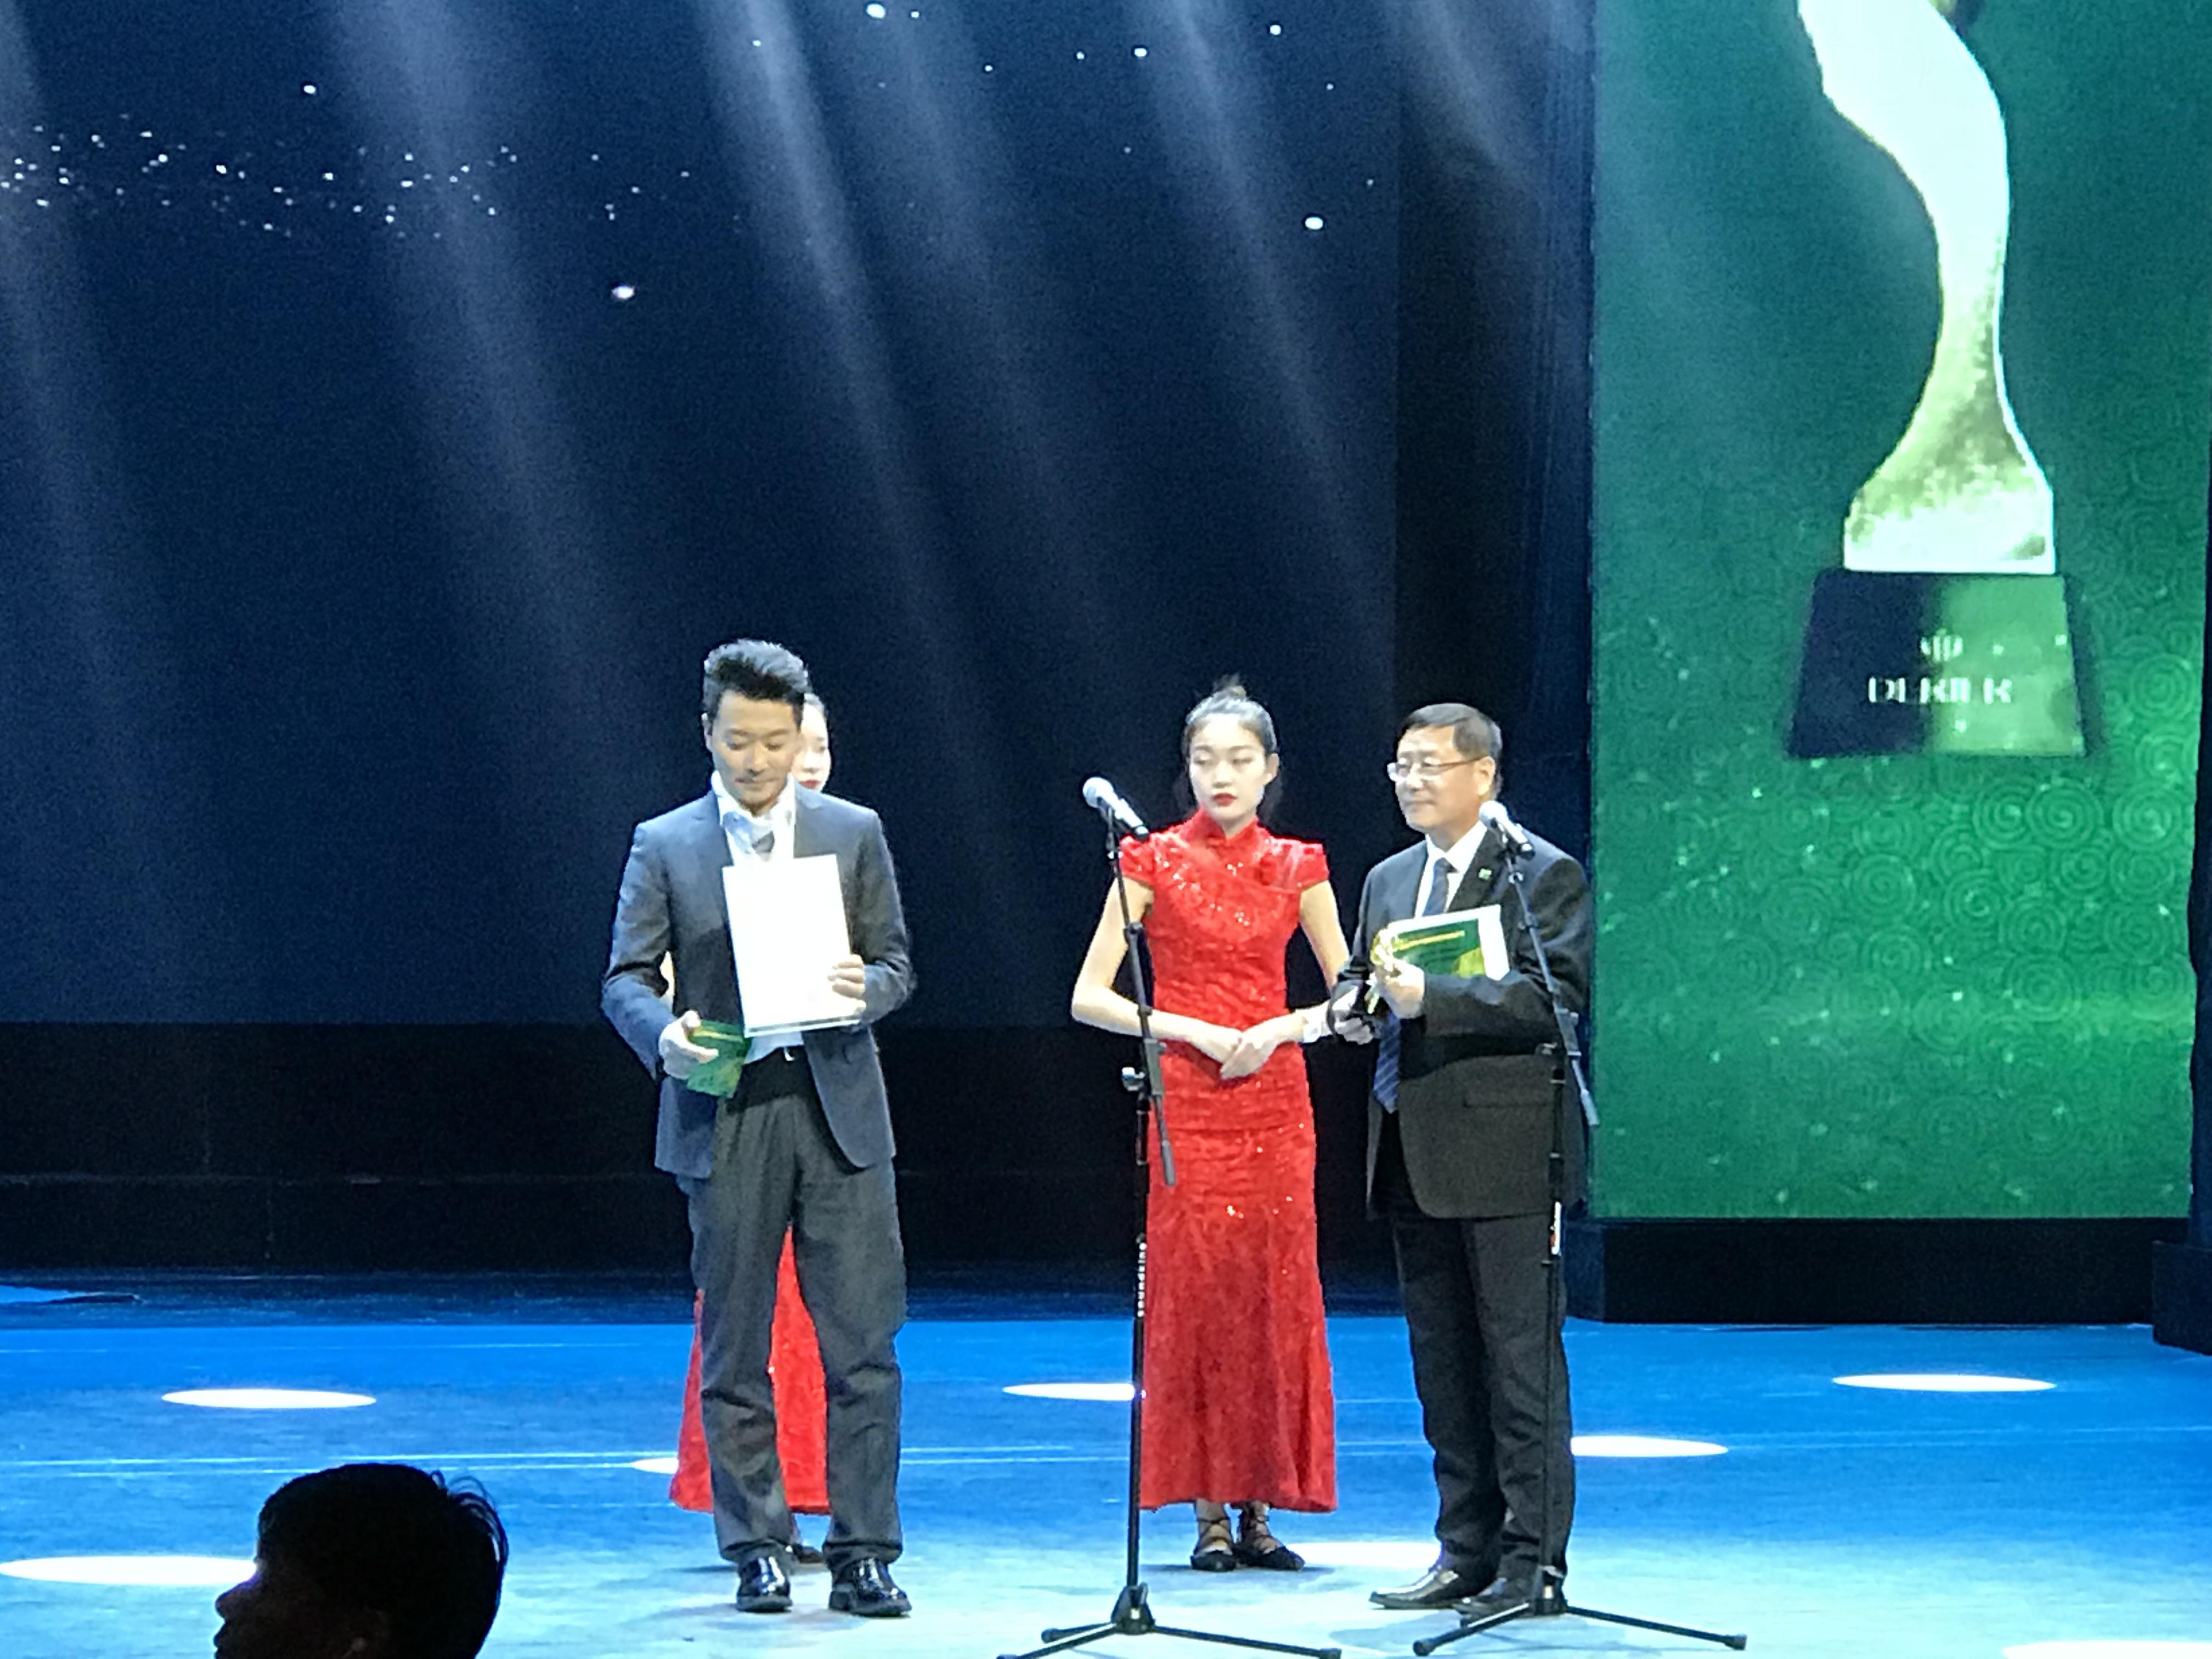 黄俊鹏出席2017首届中国银川互联网电影节任颁奖嘉宾图片